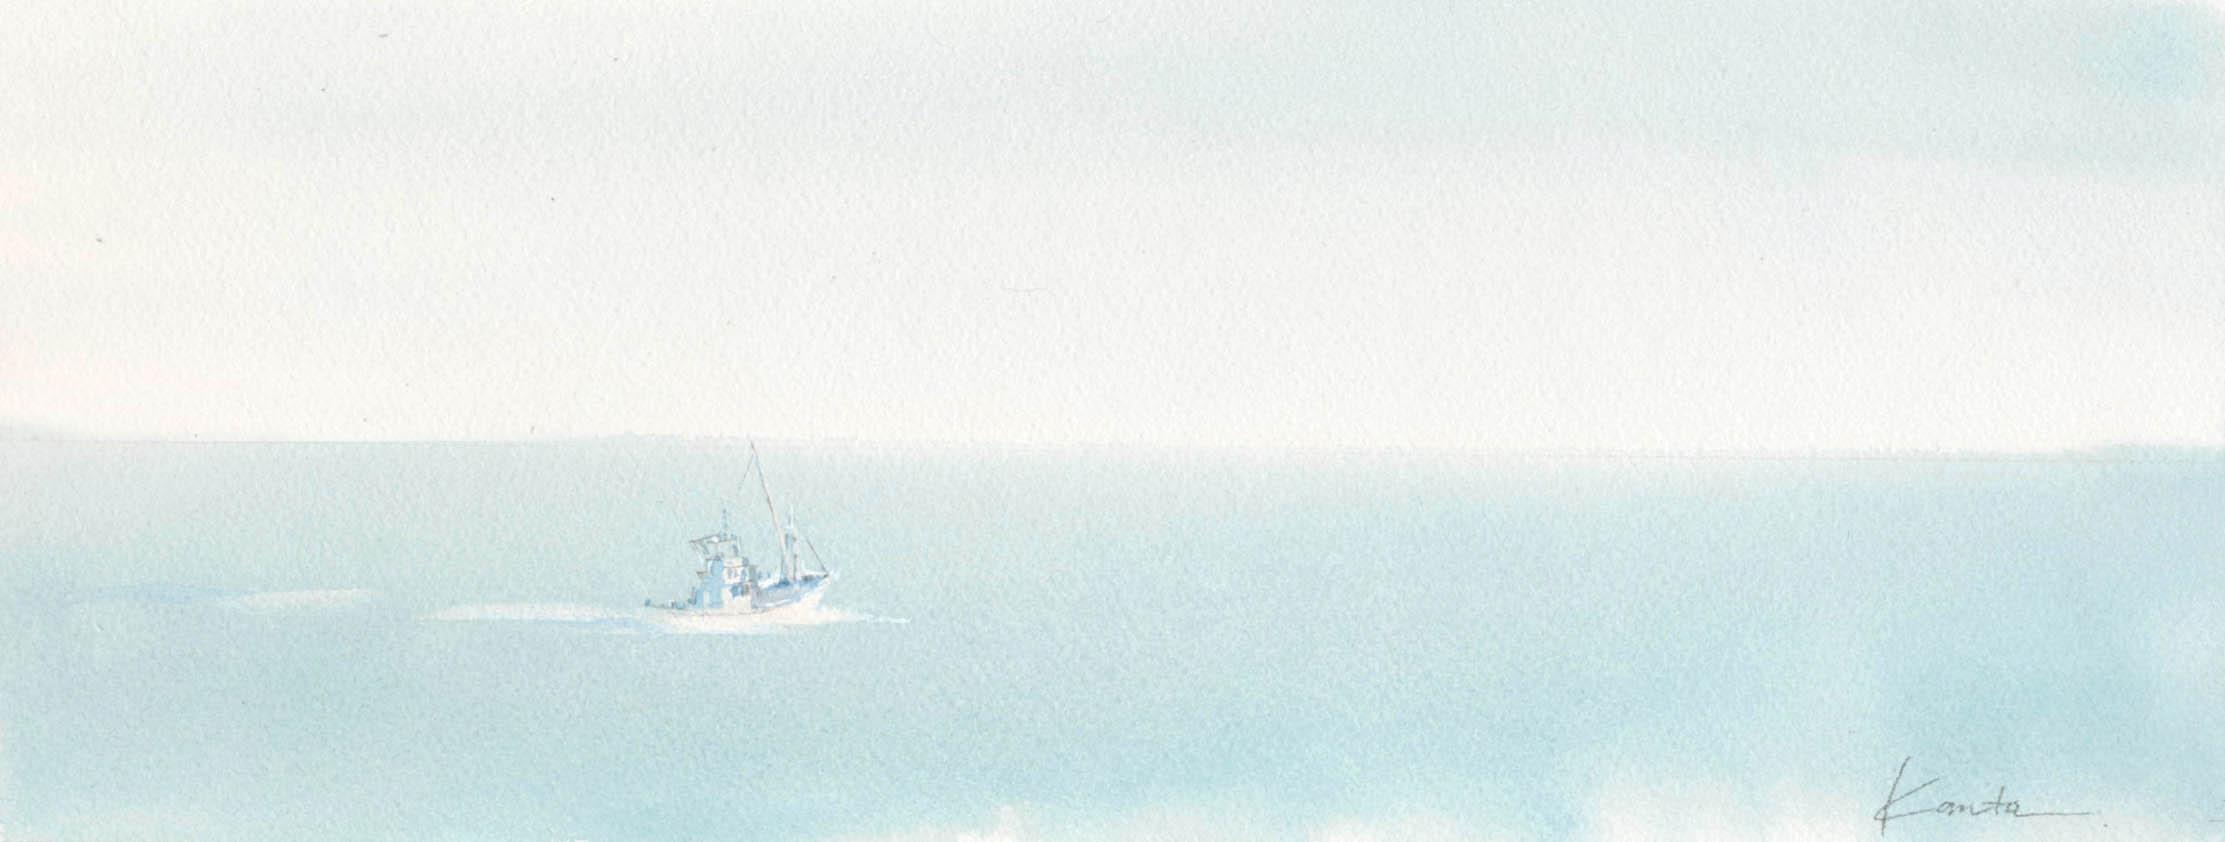 クラブツーリズム 1泊ツアー決定 と 水彩画、、_f0176370_1754181.jpg